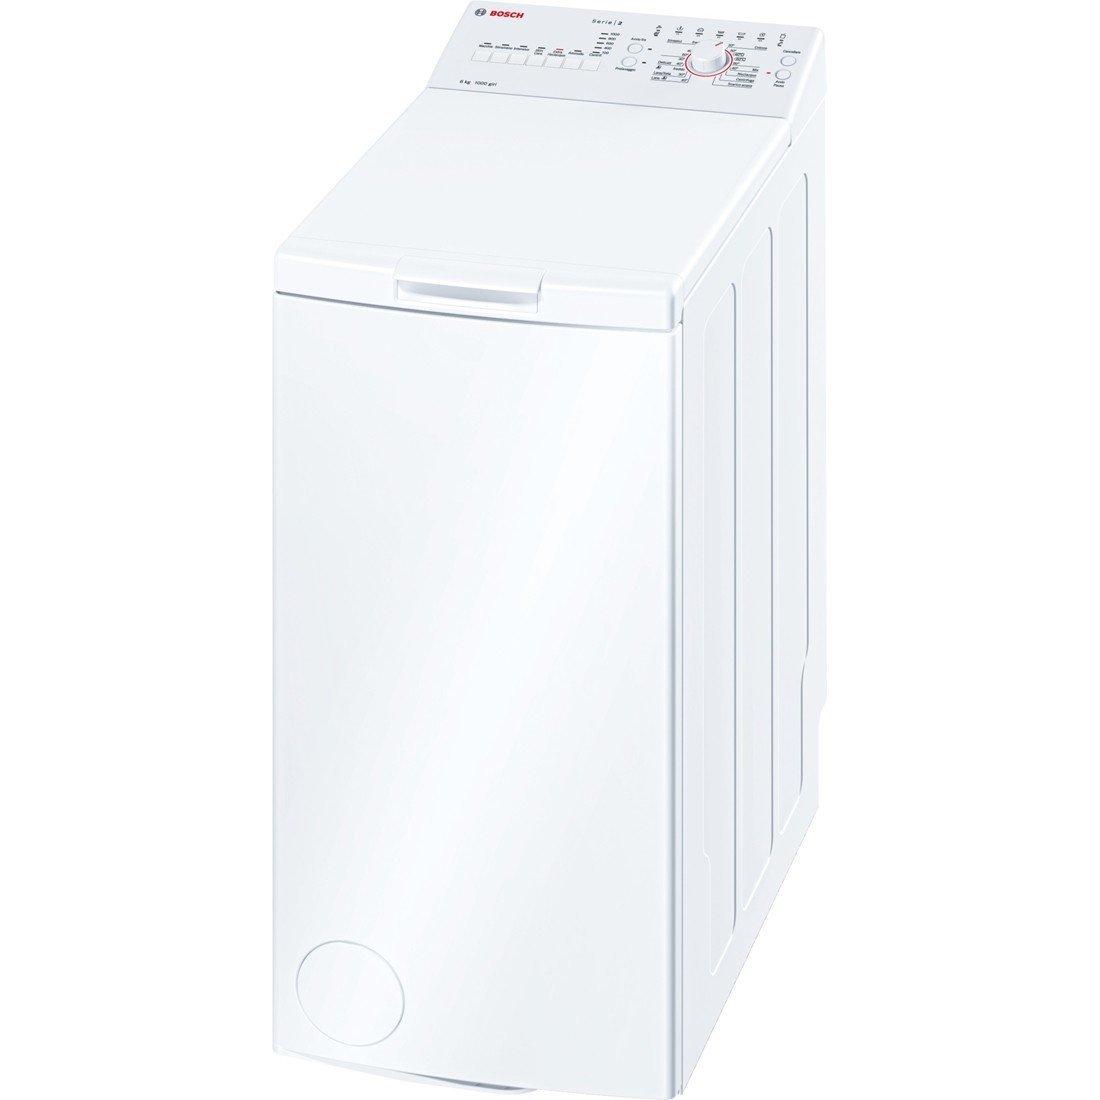 lavatrice a carica dall 39 alto opinioni e prezzi delle